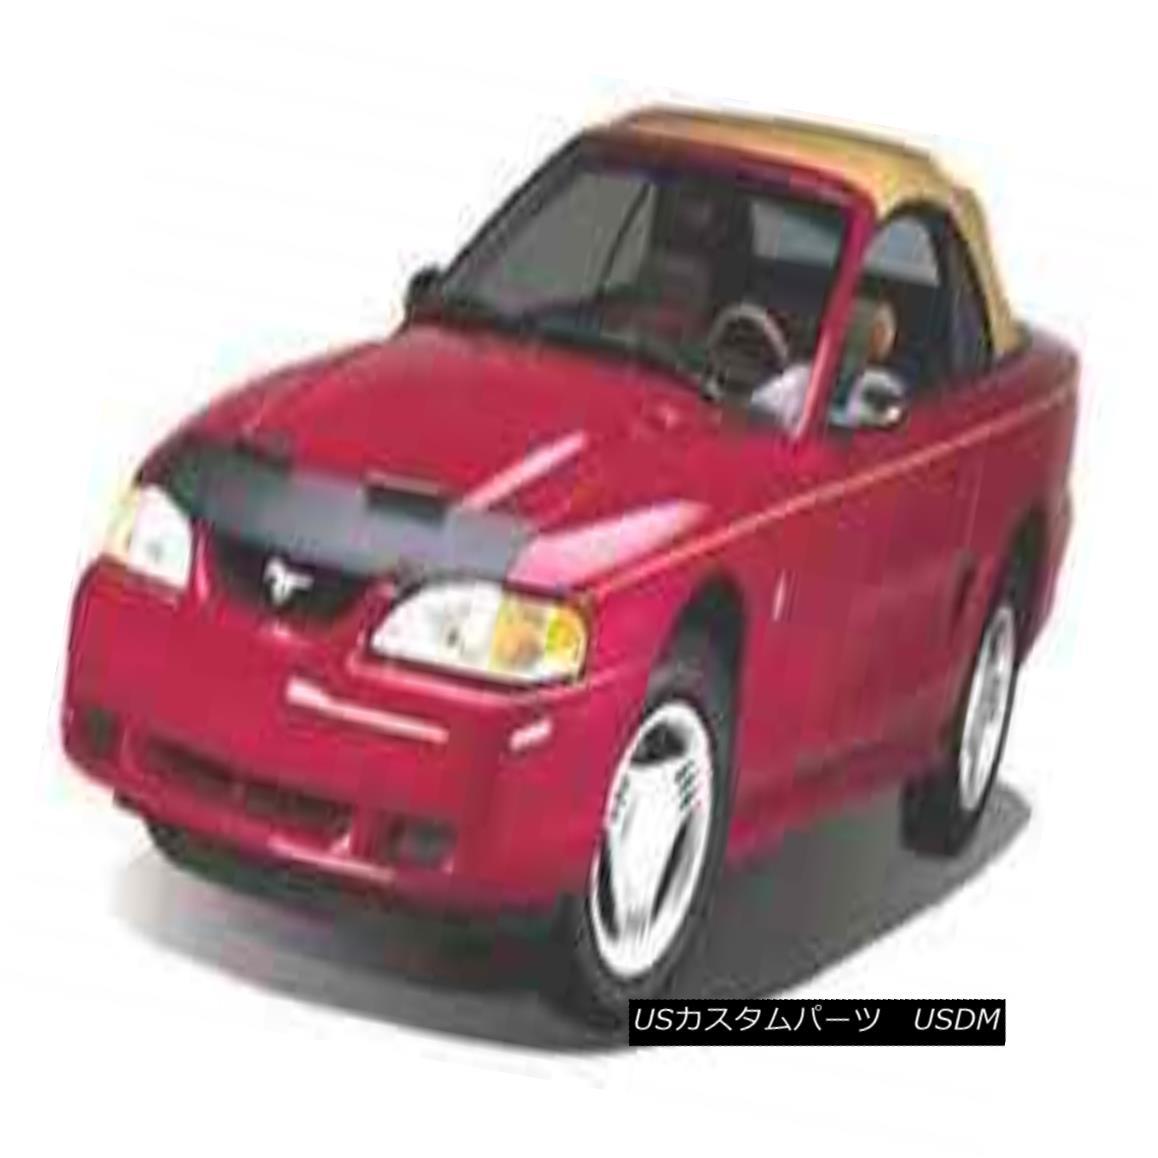 フルブラ ノーズブラ Mini Mask Bra Hood cover Fits Nissan Pathfinder 08 09 10 11 12 ミニマスクブラジャーフードカバーフィットニッサンパスファインダー08 09 10 11 12